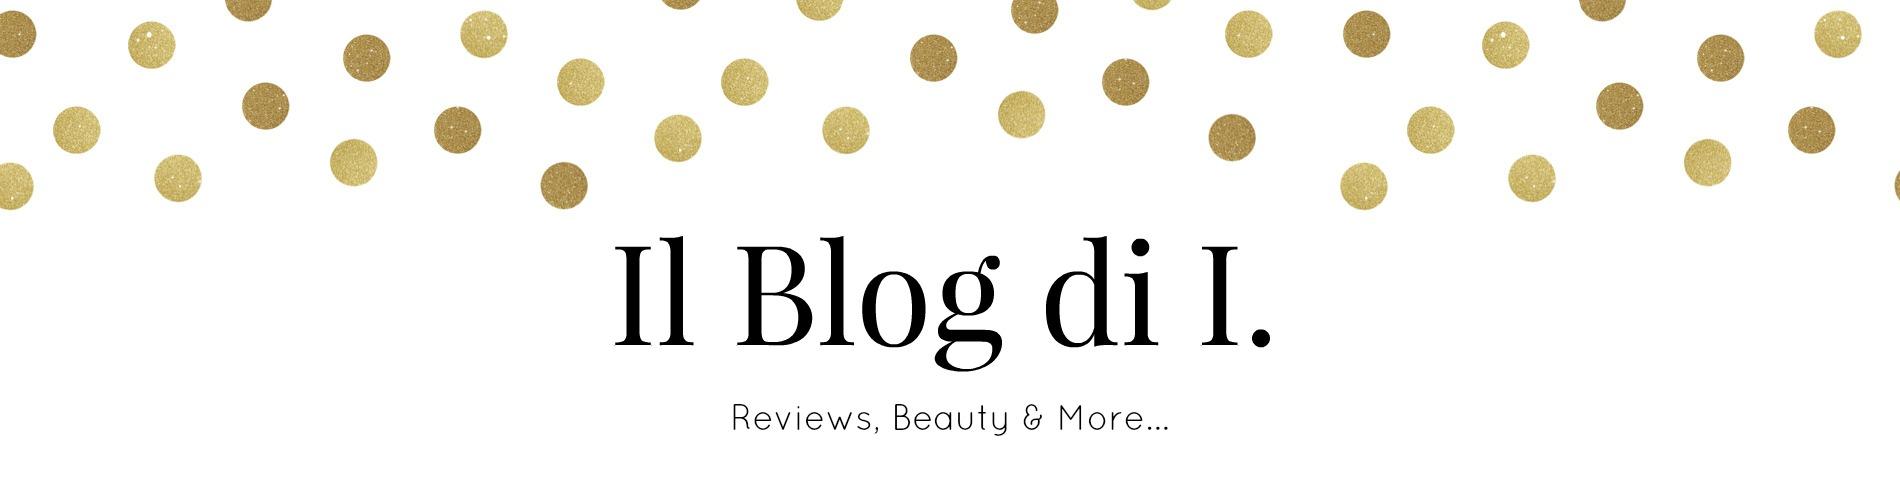 Il Blog di I.